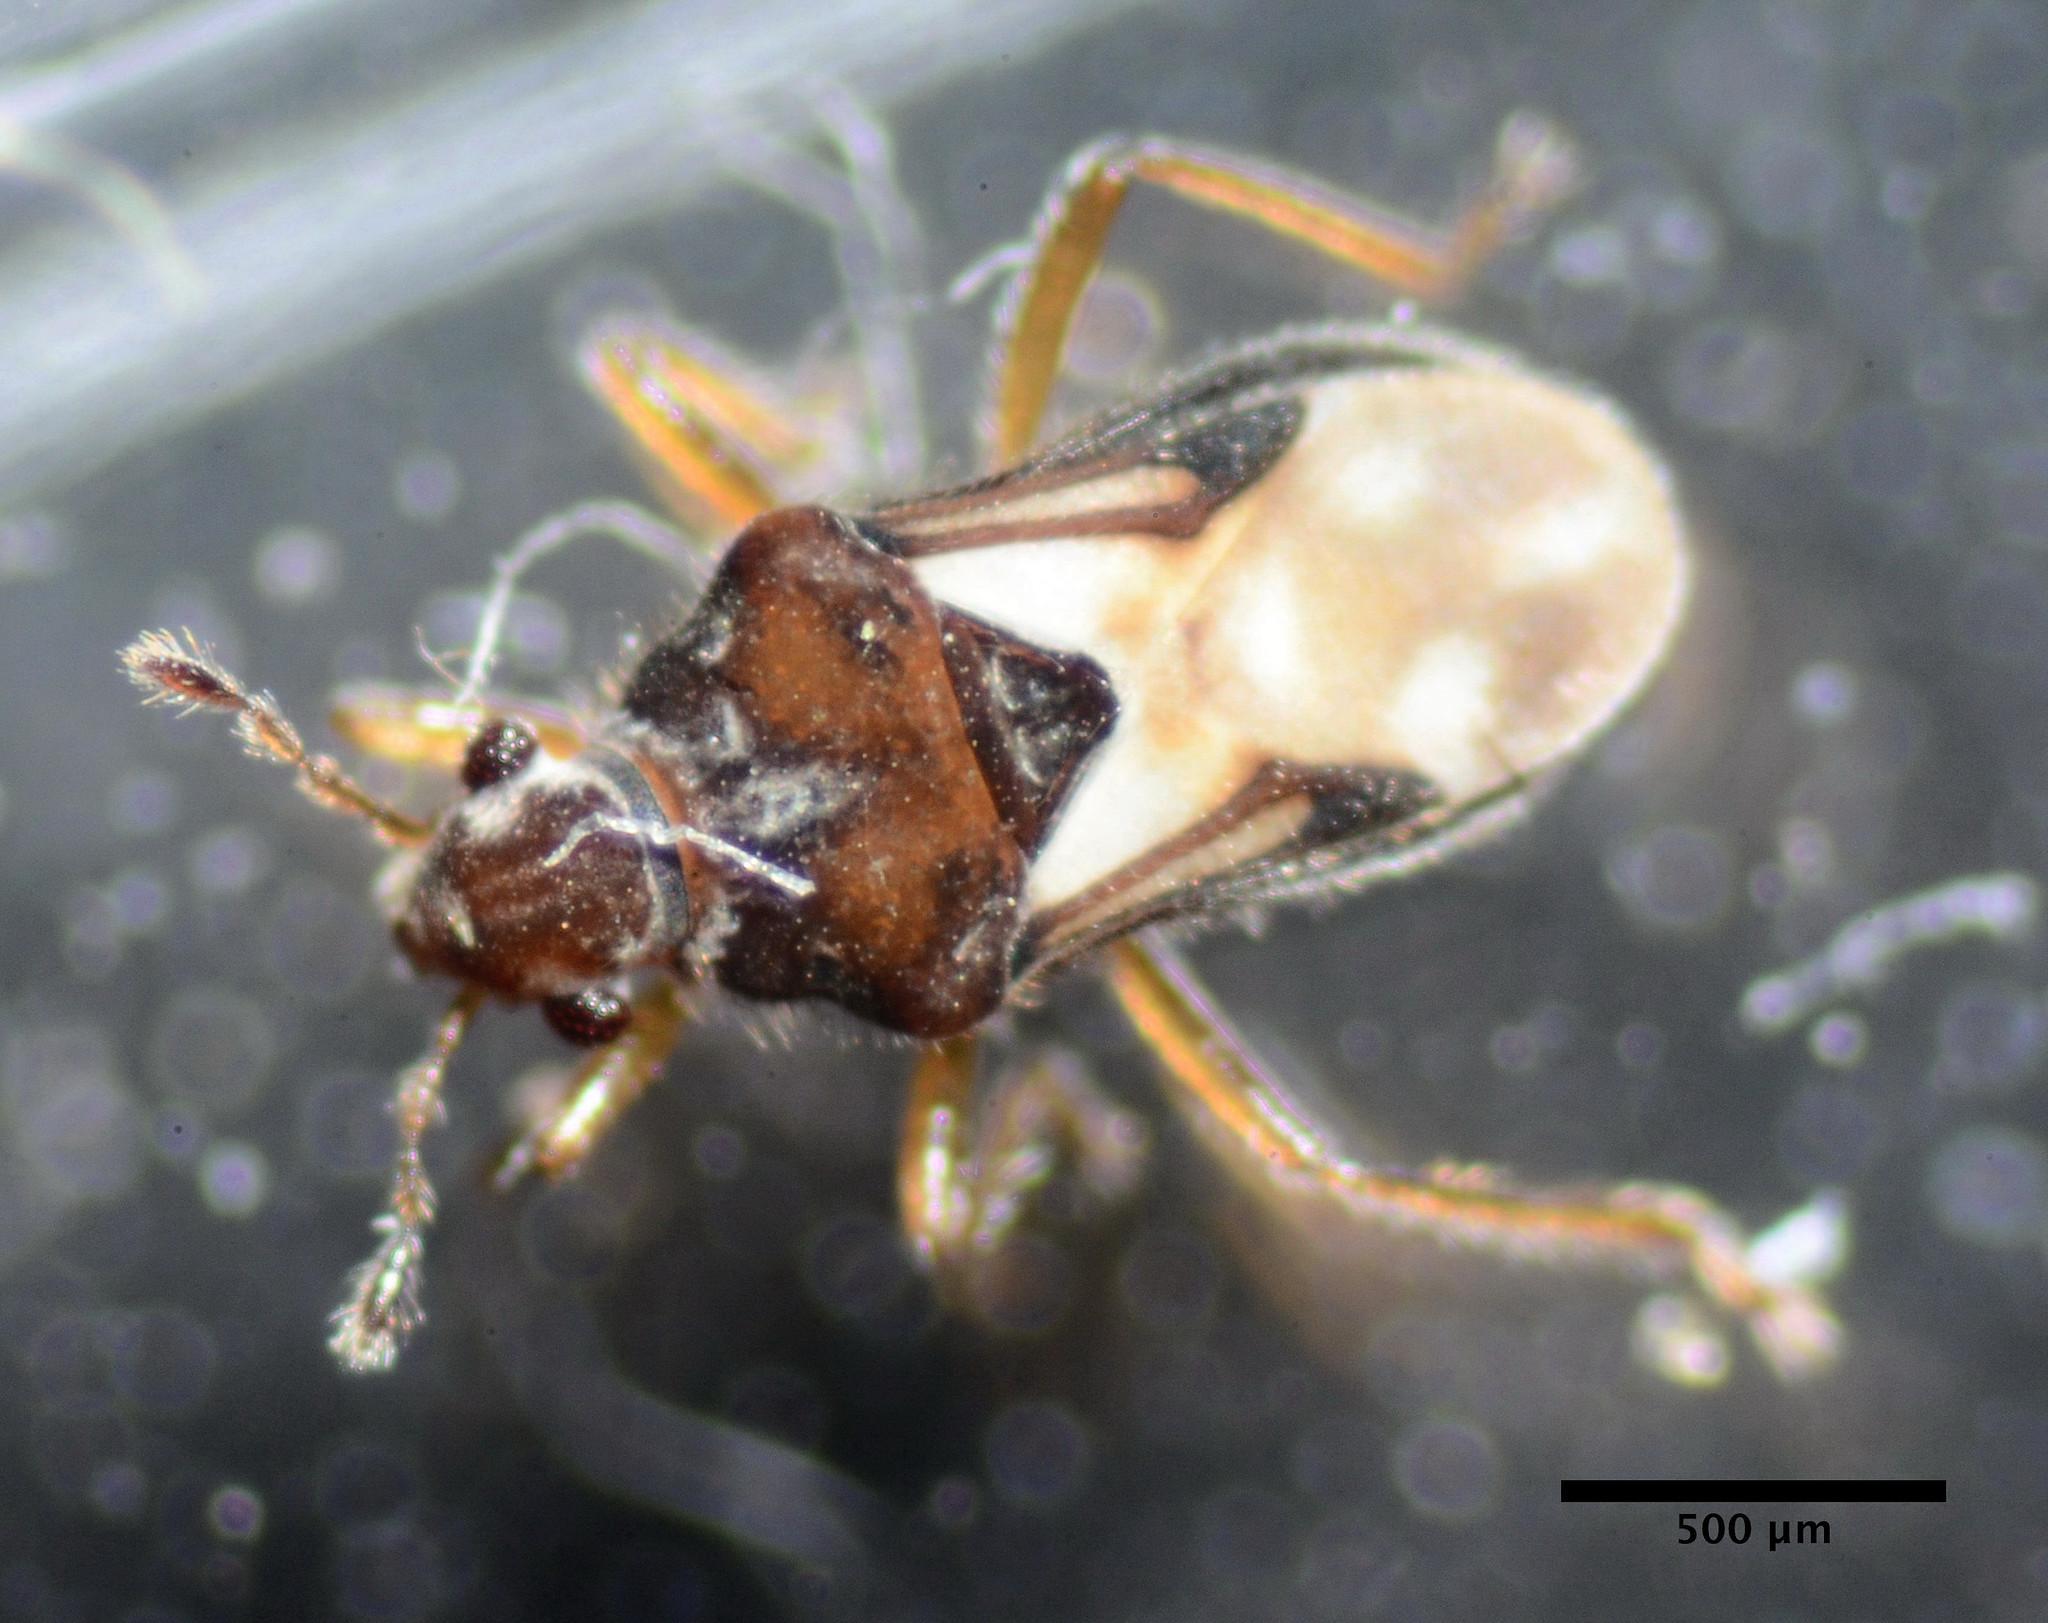 Image of Velvet water bug